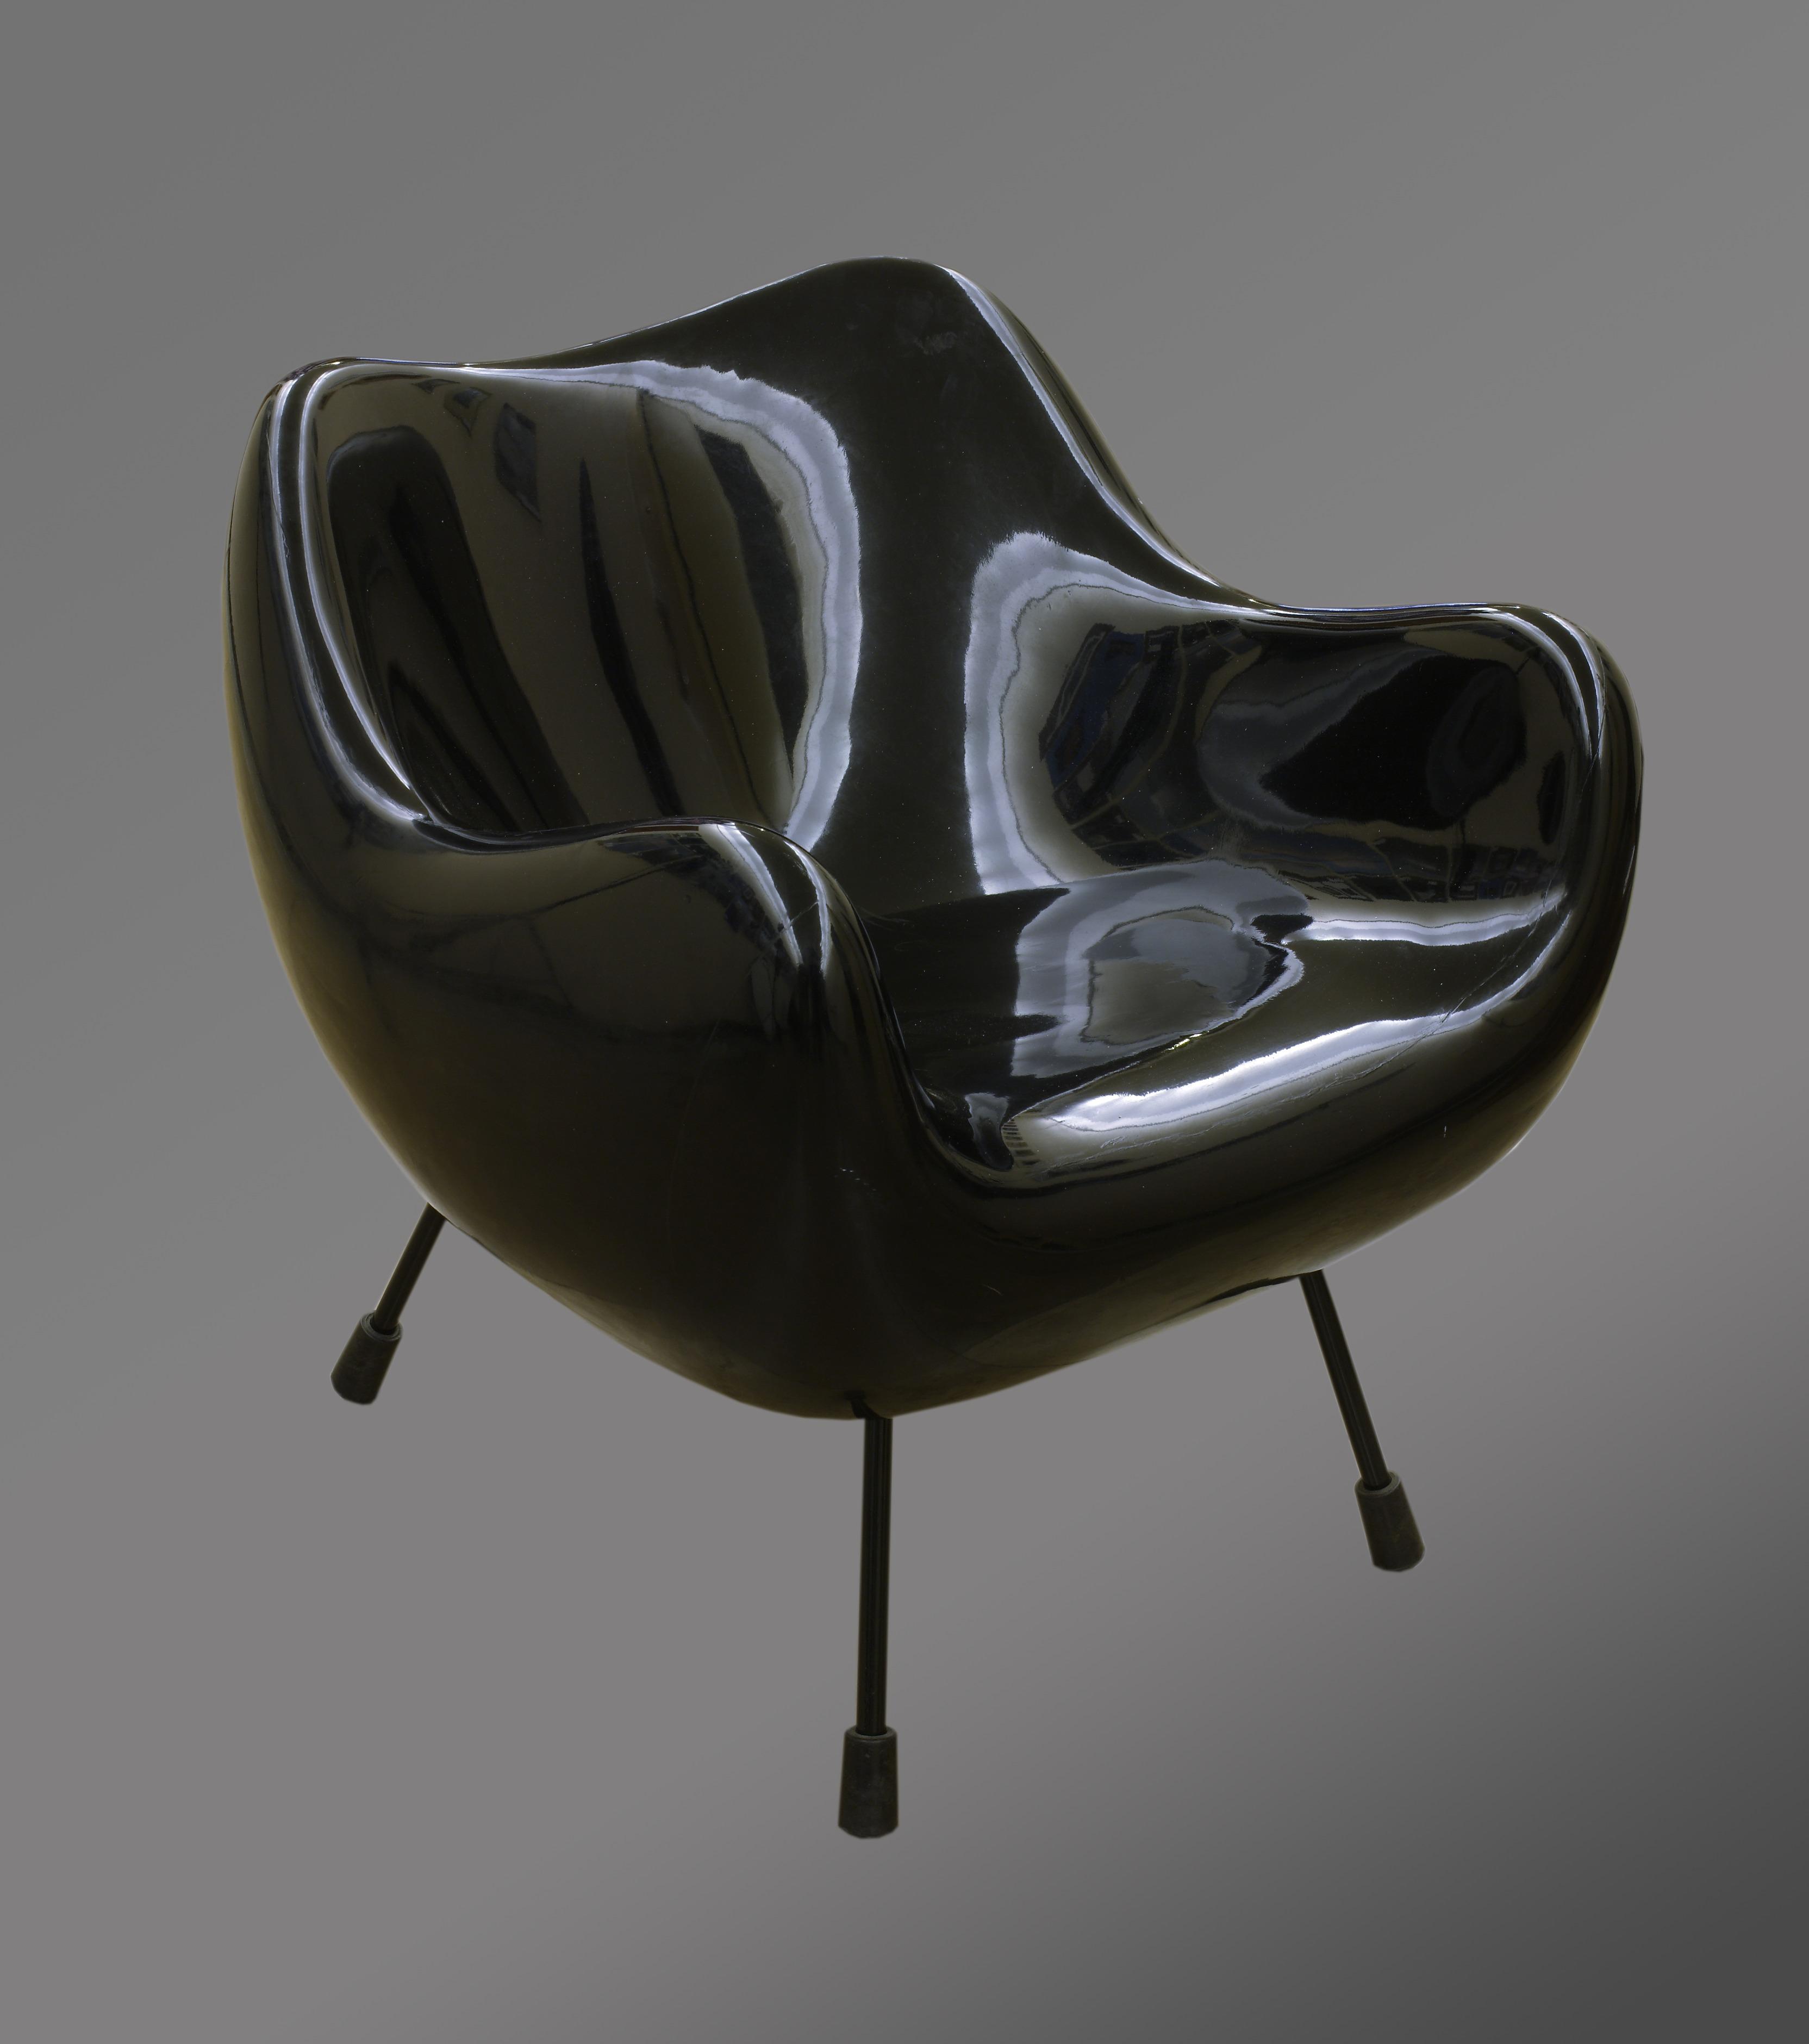 Roman Modzelewski, fotel z tworzywa sztucznego, 1958, Wzr.d.1405/1-2 MNW